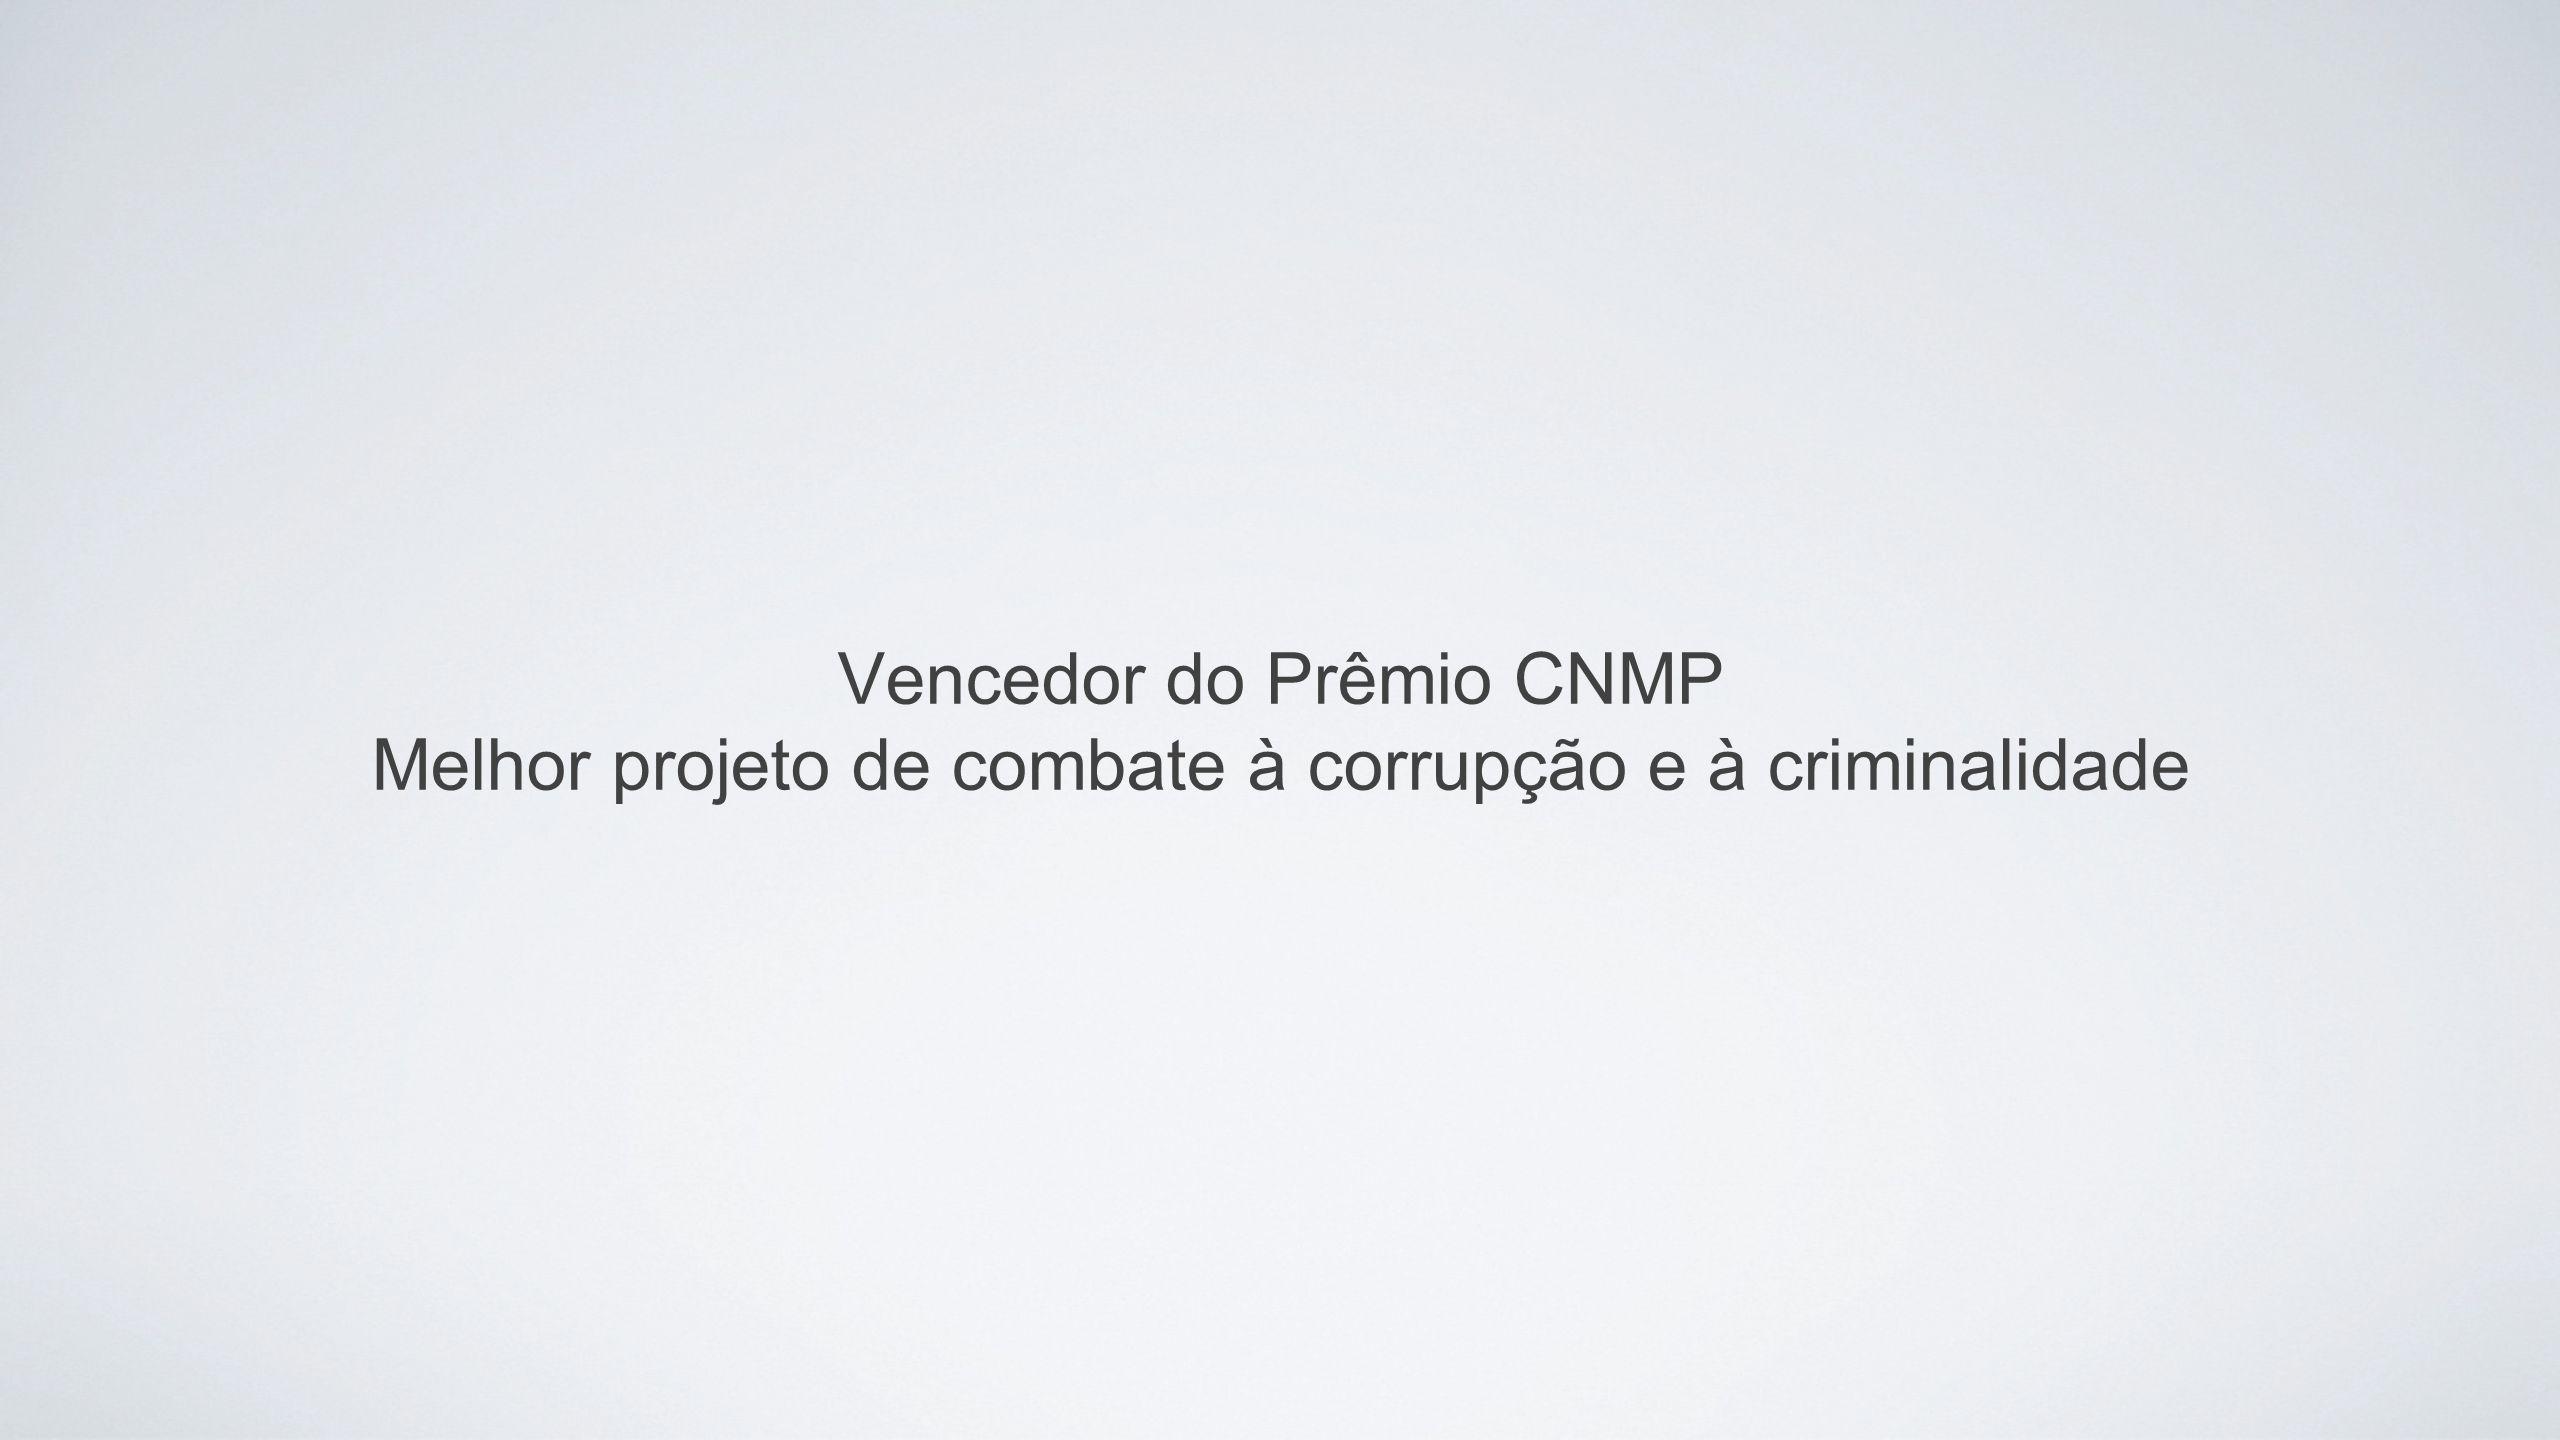 Vencedor do Prêmio CNMP Melhor projeto de combate à corrupção e à criminalidade